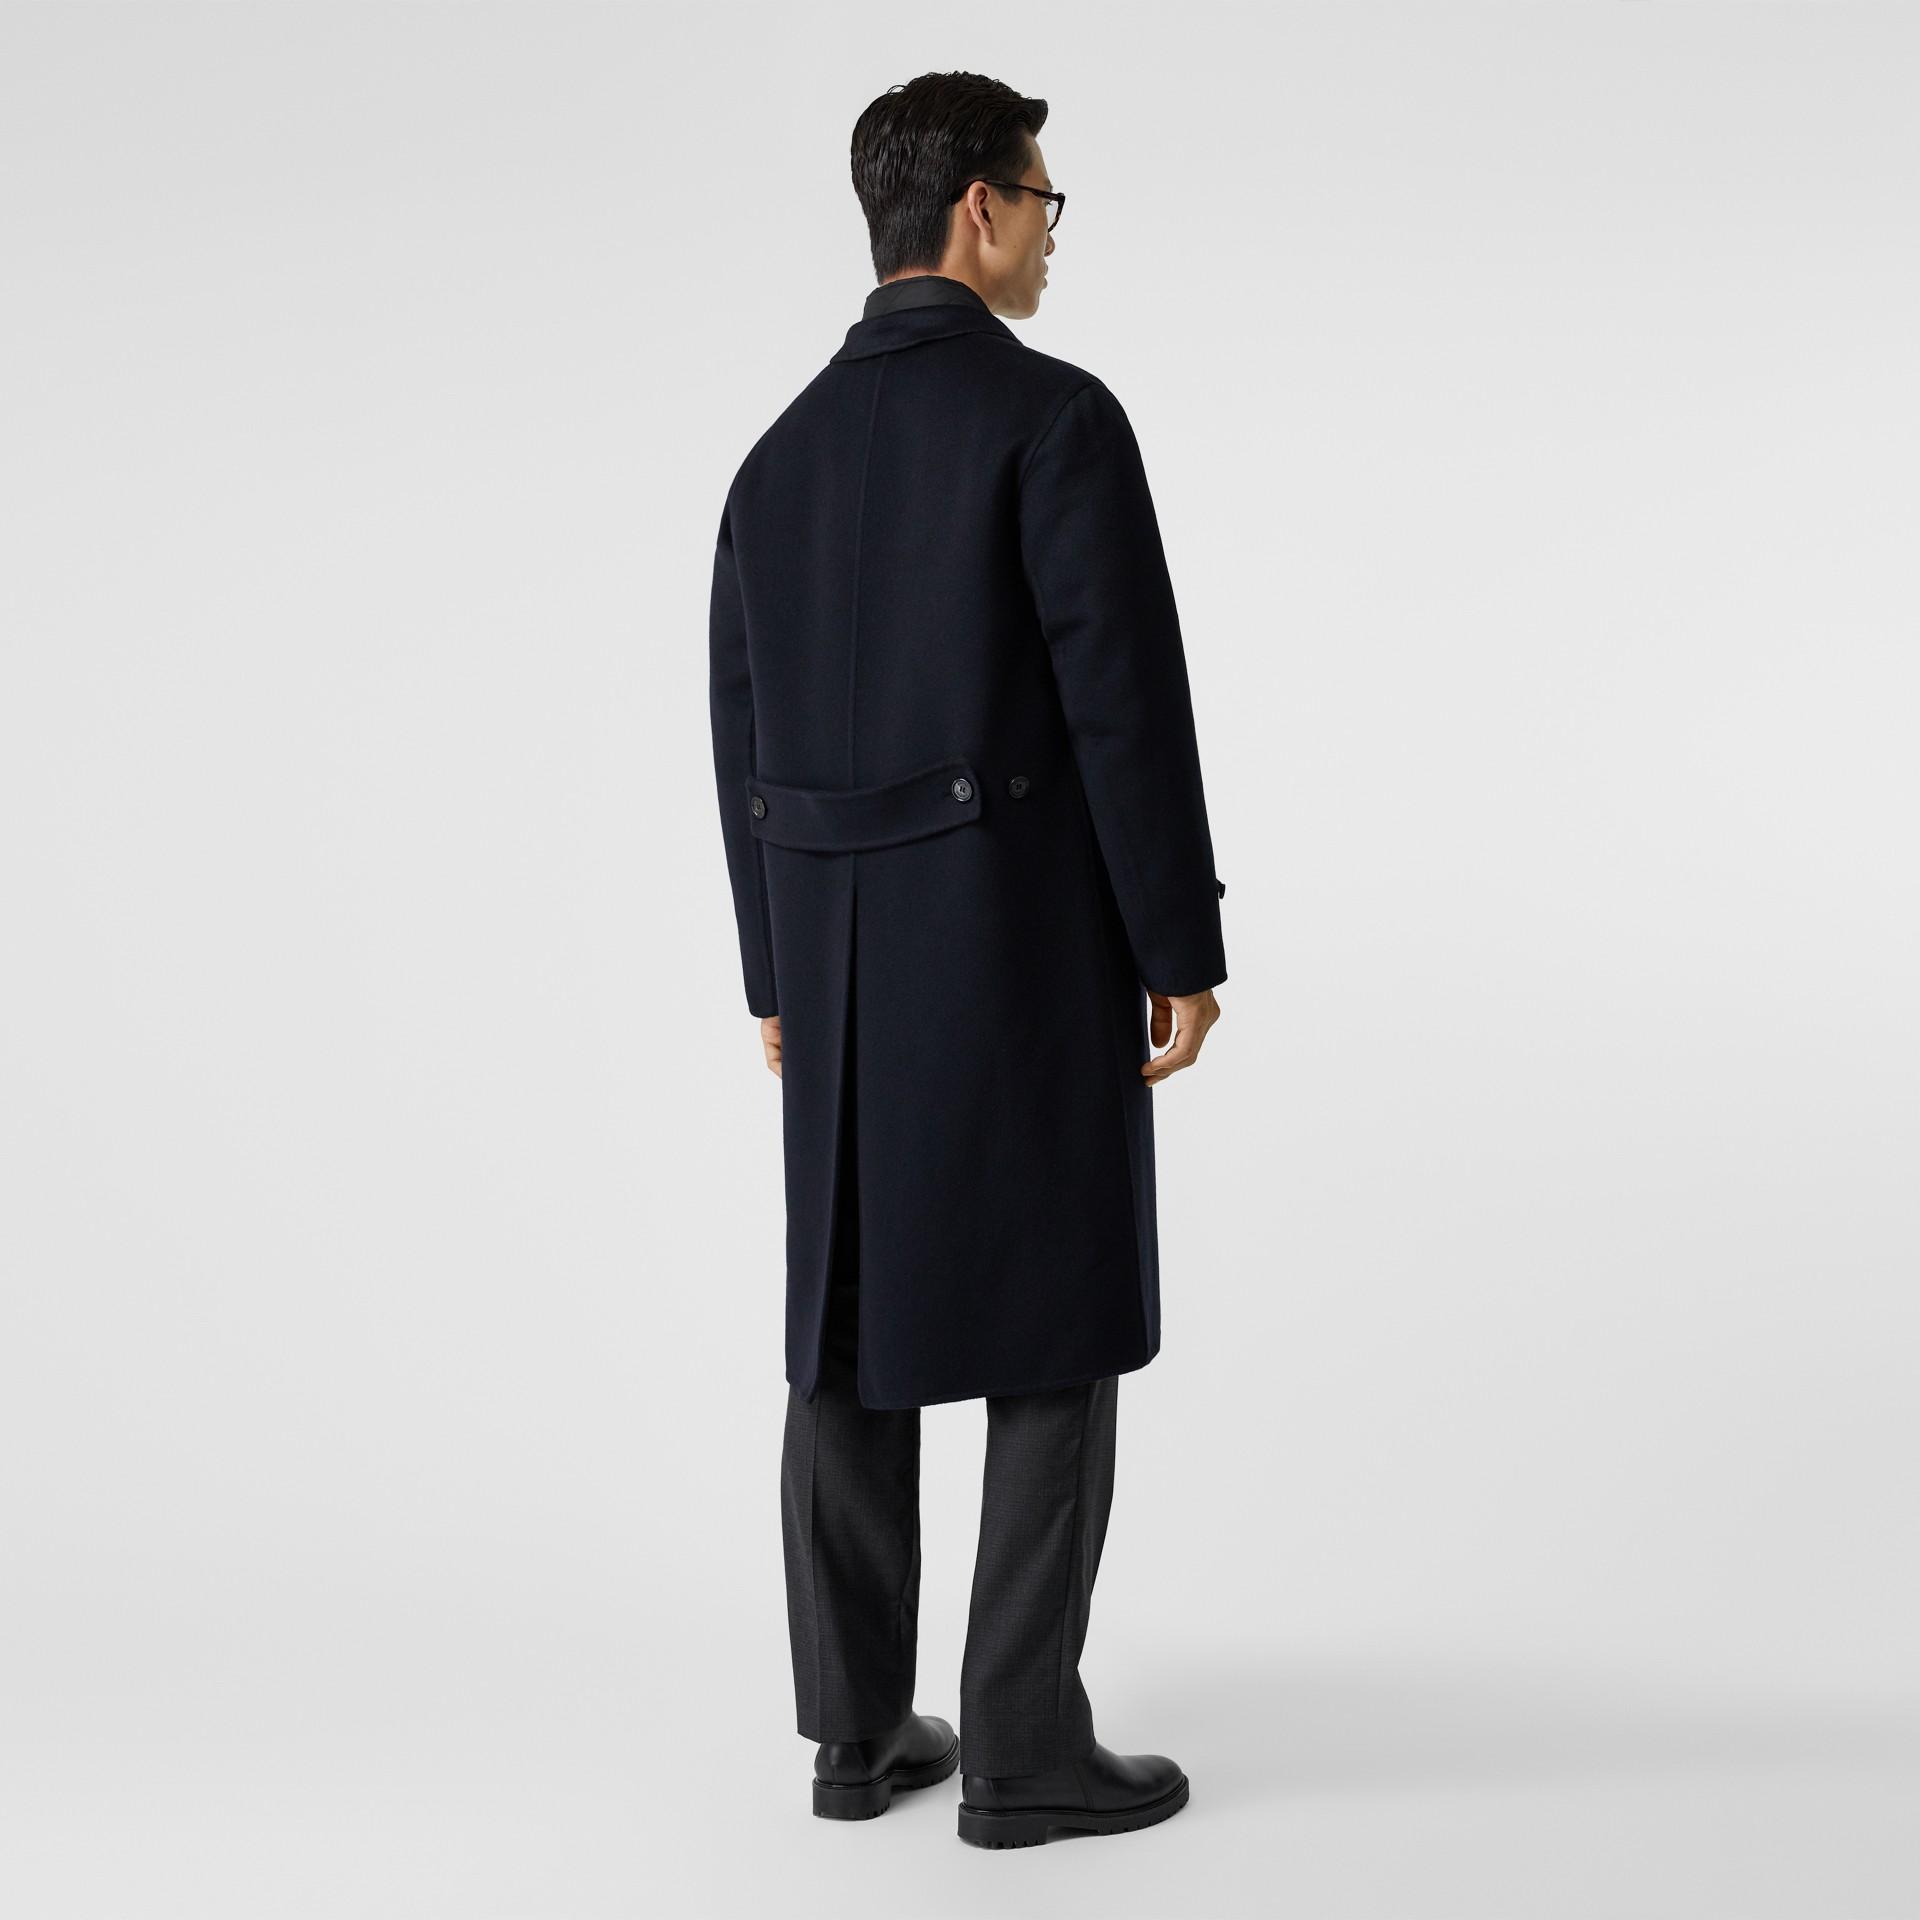 Пальто Lab Coat из кашемира (Темно-синий) - Для мужчин | Burberry - изображение 2